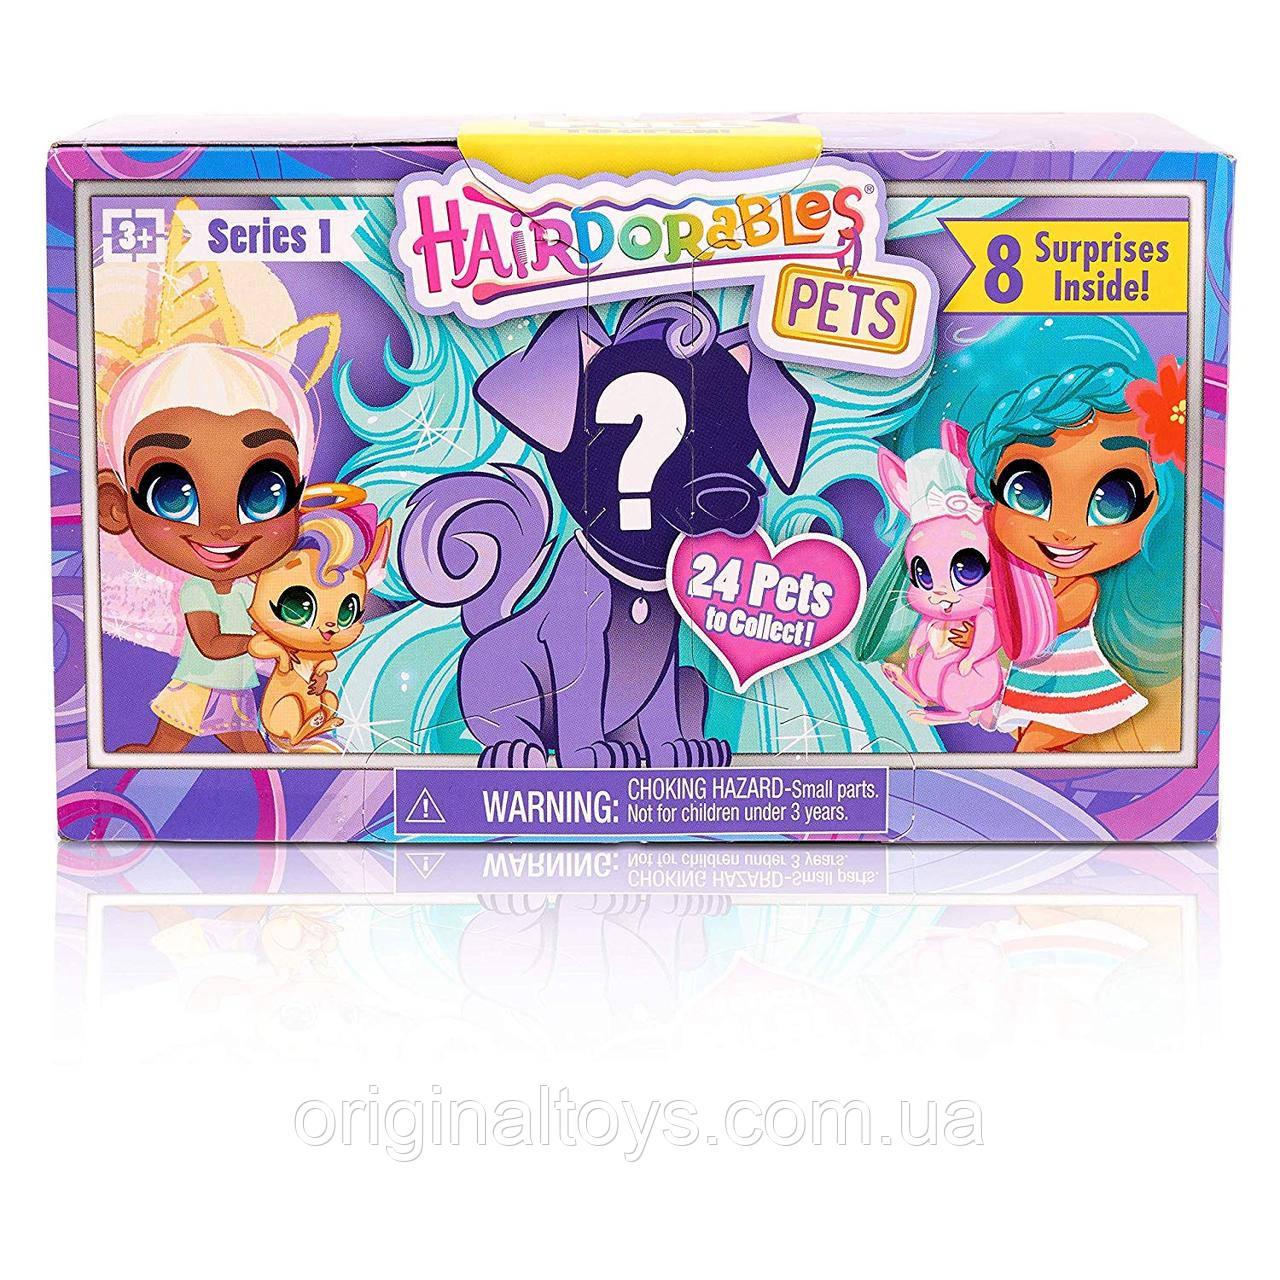 Hairdorables Вихованець сюрприз з аксесуарами Pets Set Just Play 1 серія